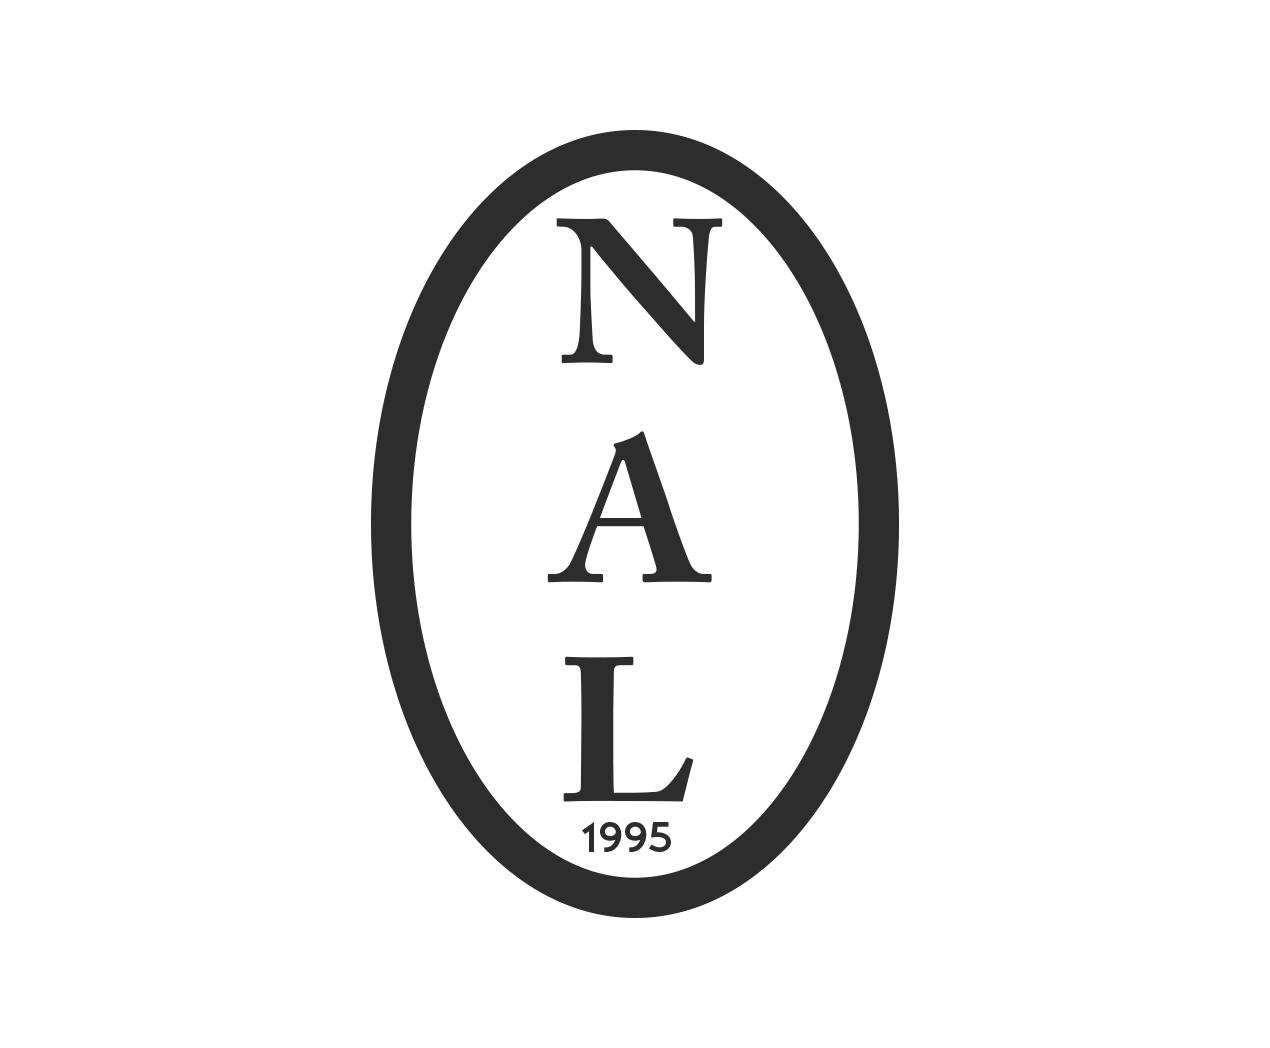 NAL.png